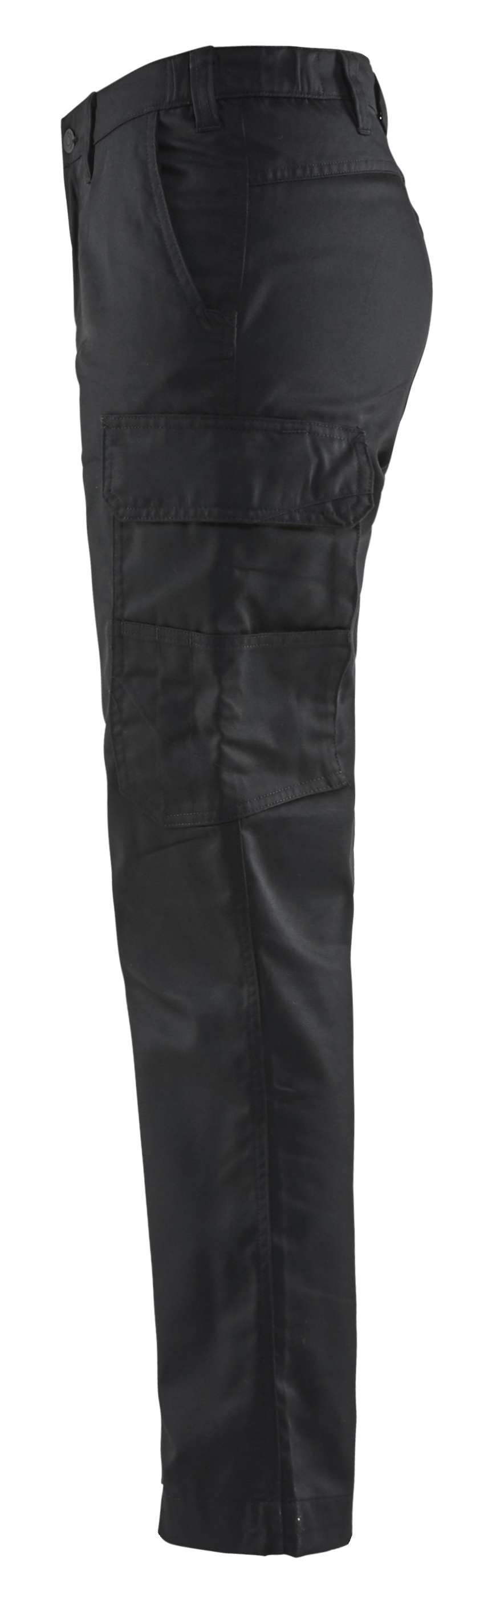 Blaklader Dames werkbroeken 71041800 zwart(9900)